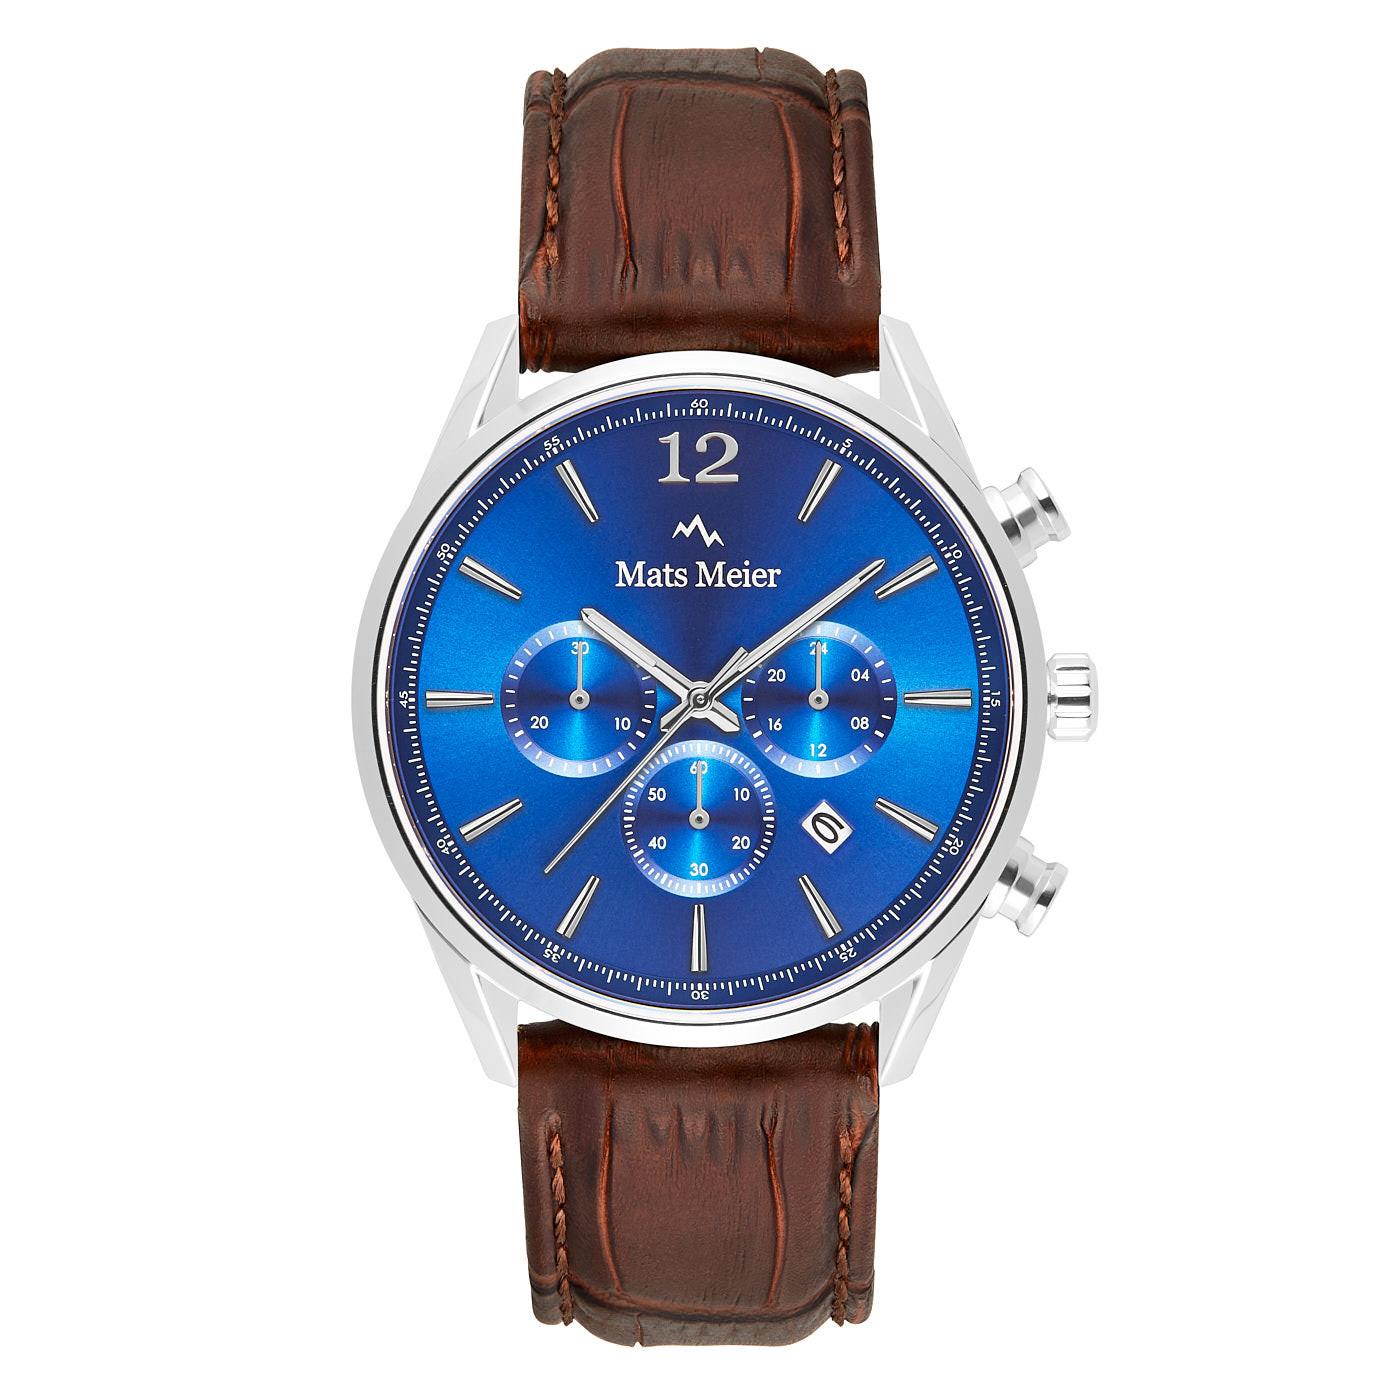 Mats Meier Grand Cornier Chronograph blau/braun